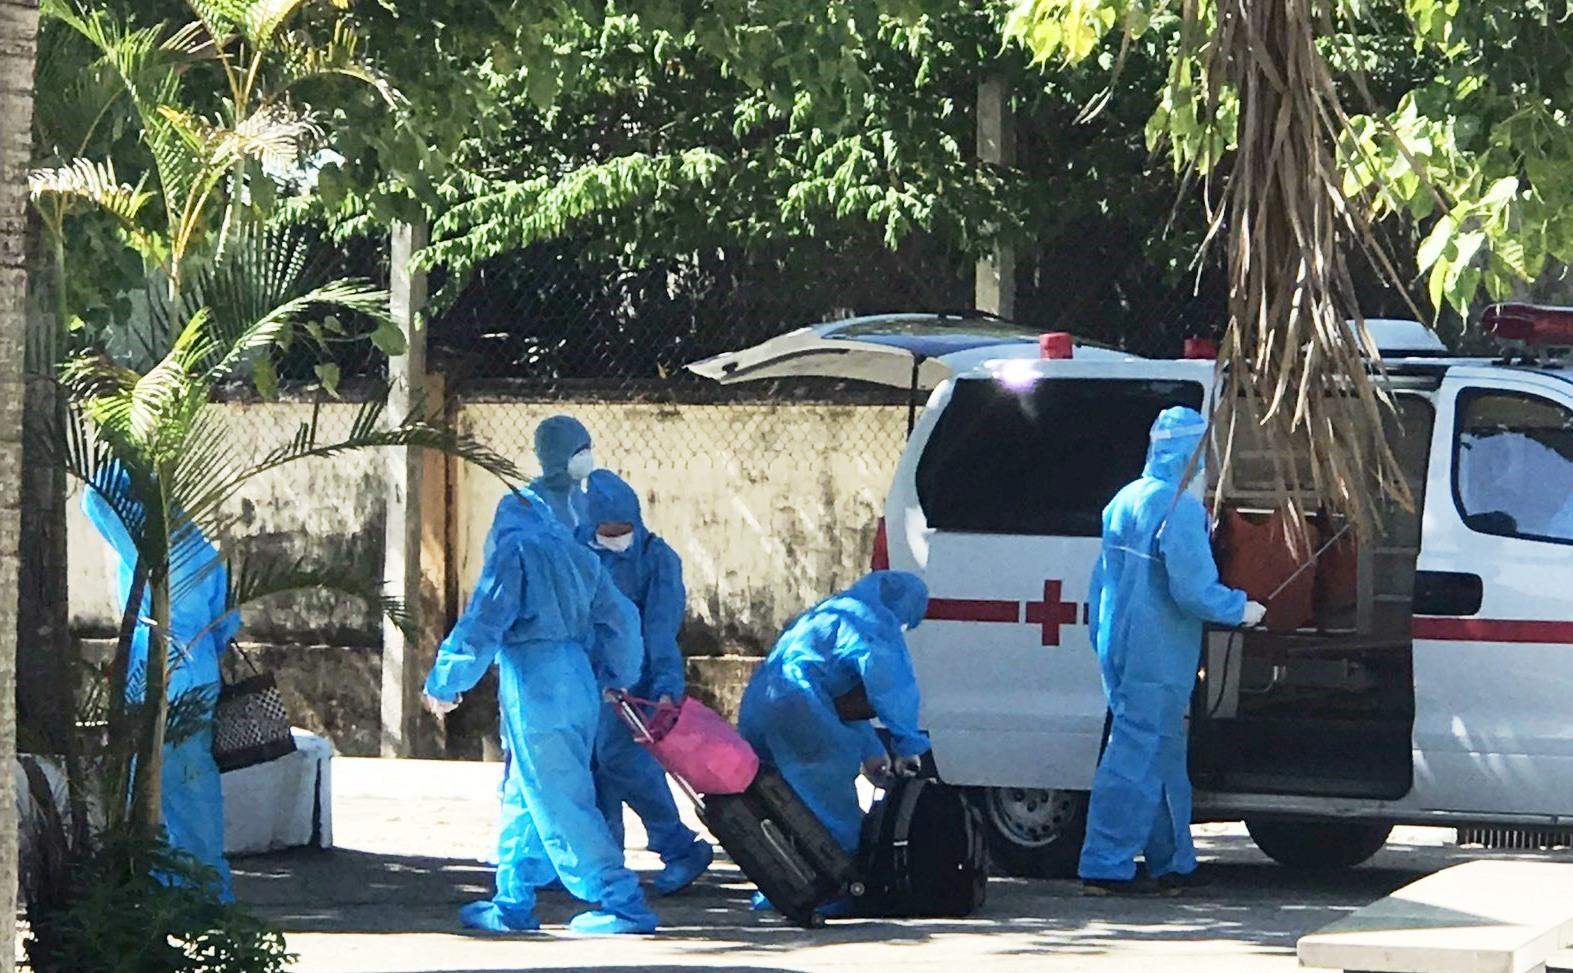 Các bệnh nhân được đưa đến BV Phạm Ngọc Thạch để điều trị Covid-19. Ảnh: V.M